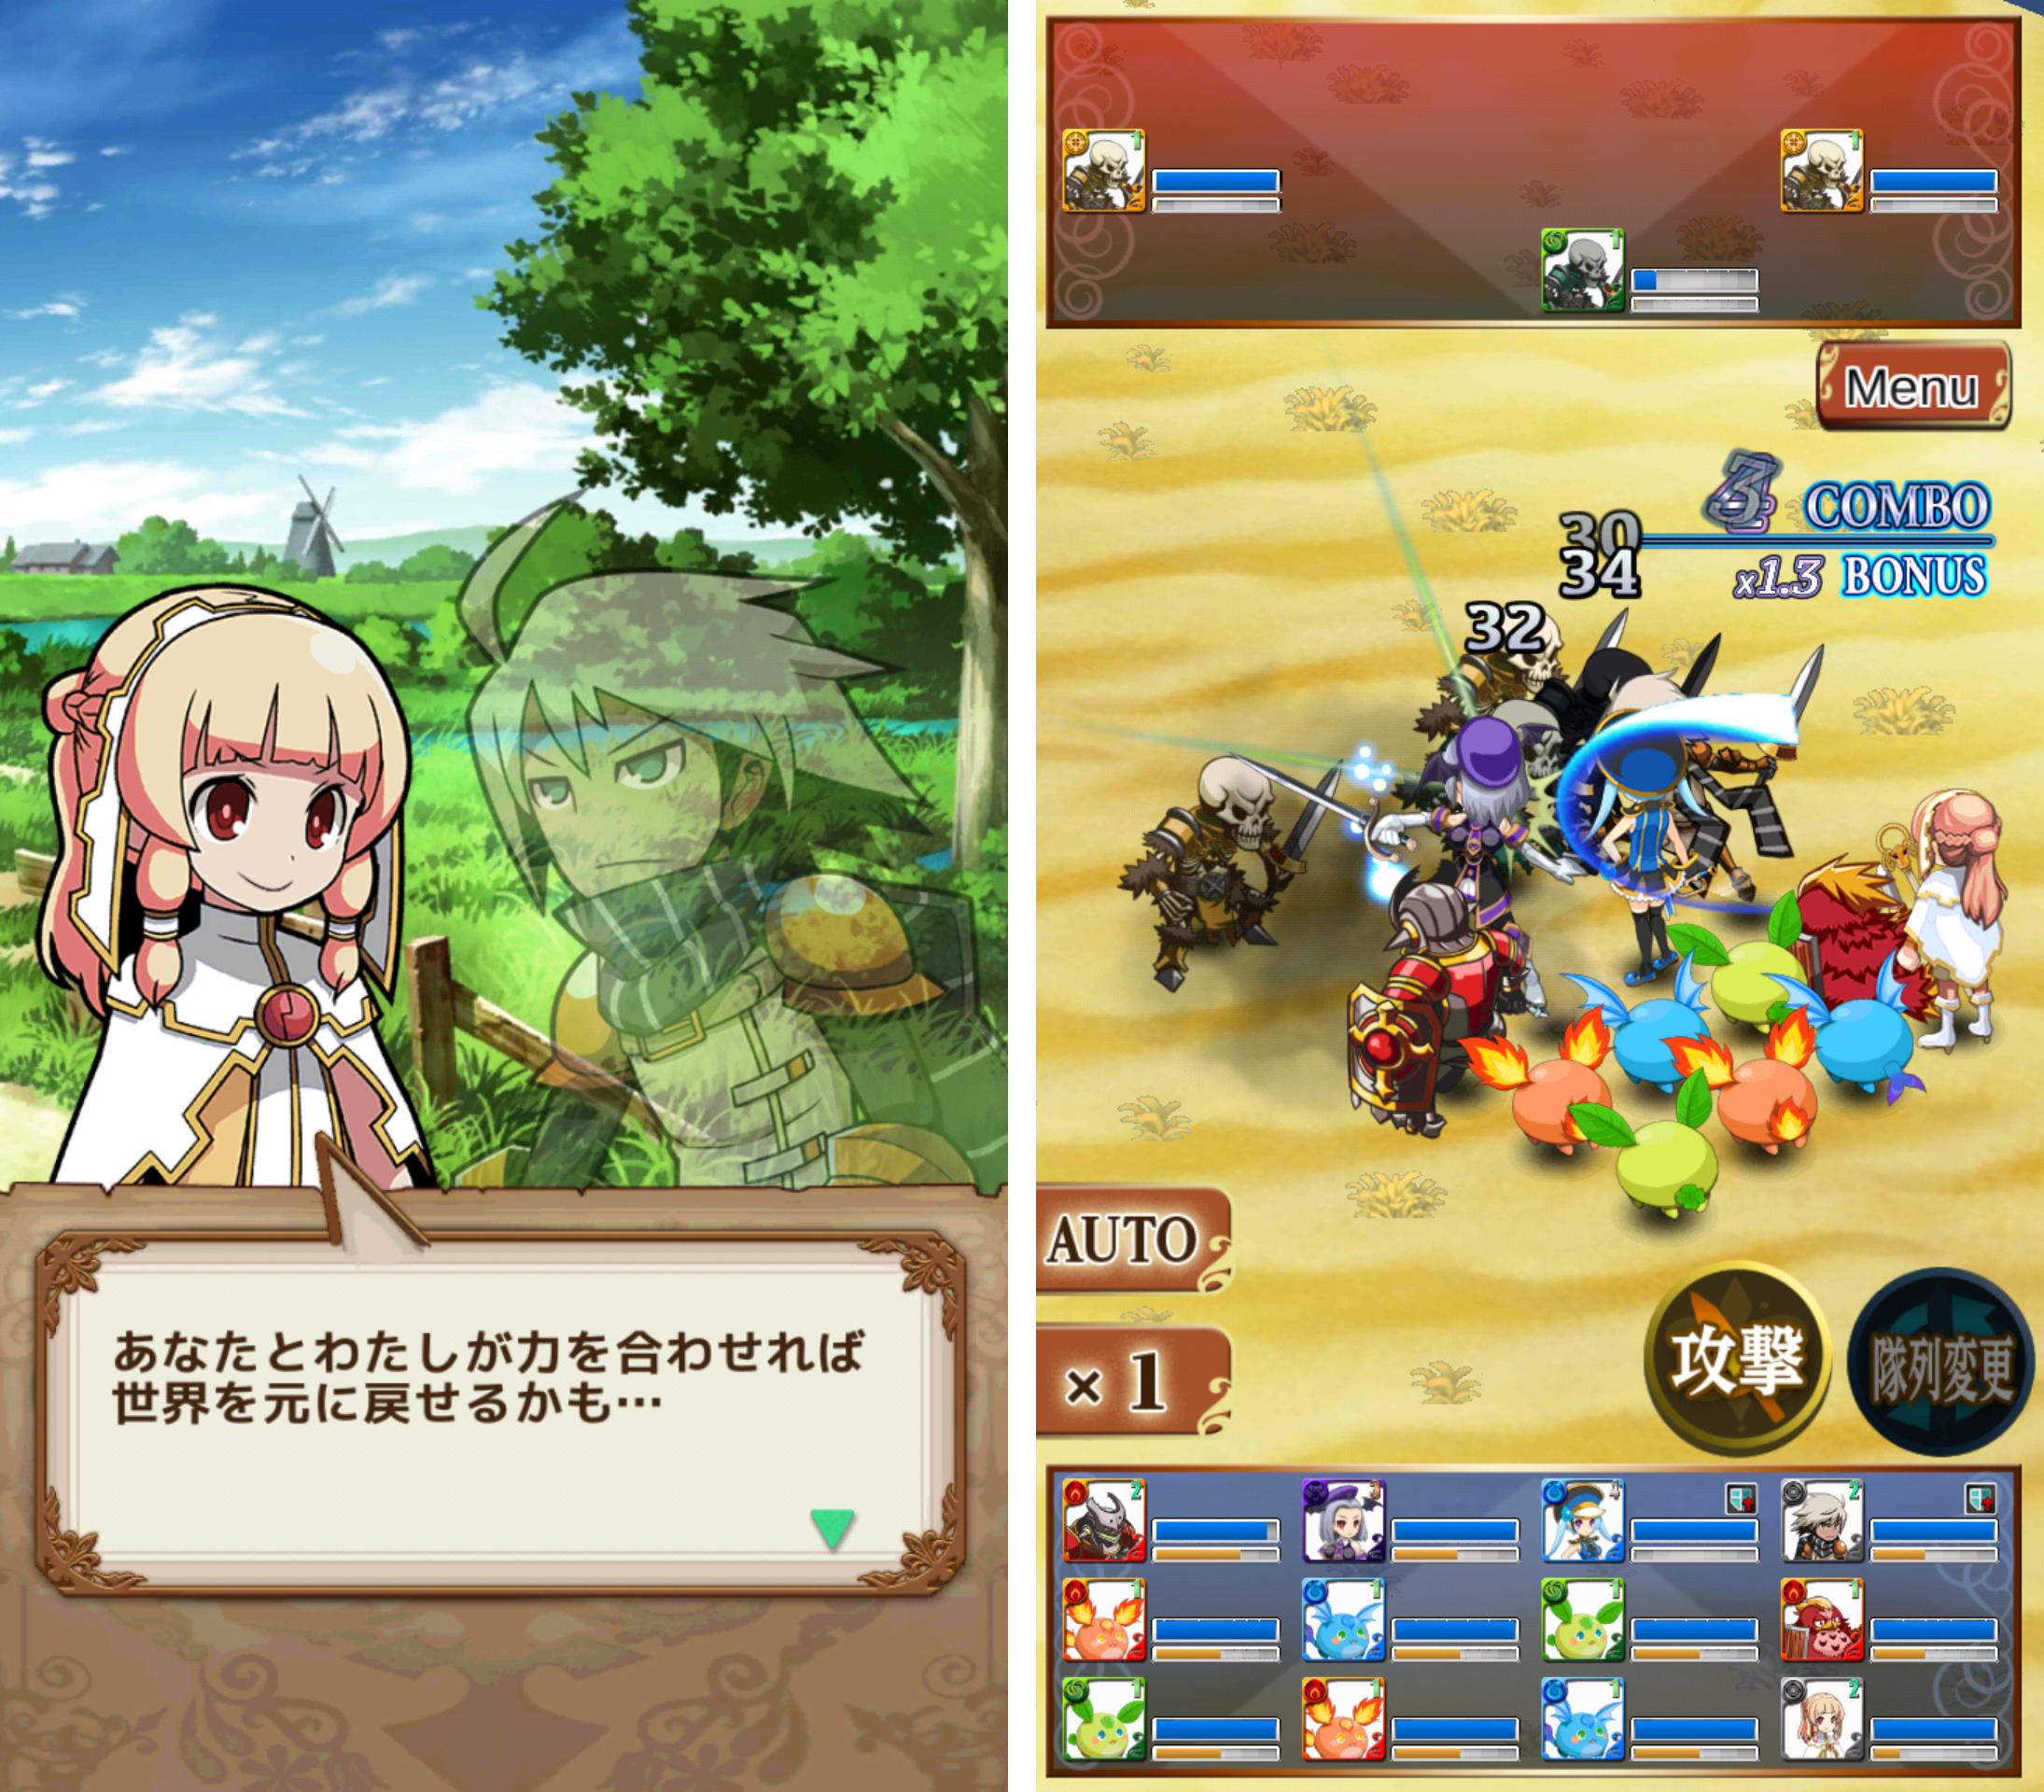 ソウルナイツ(SoulKnights) androidアプリスクリーンショット2